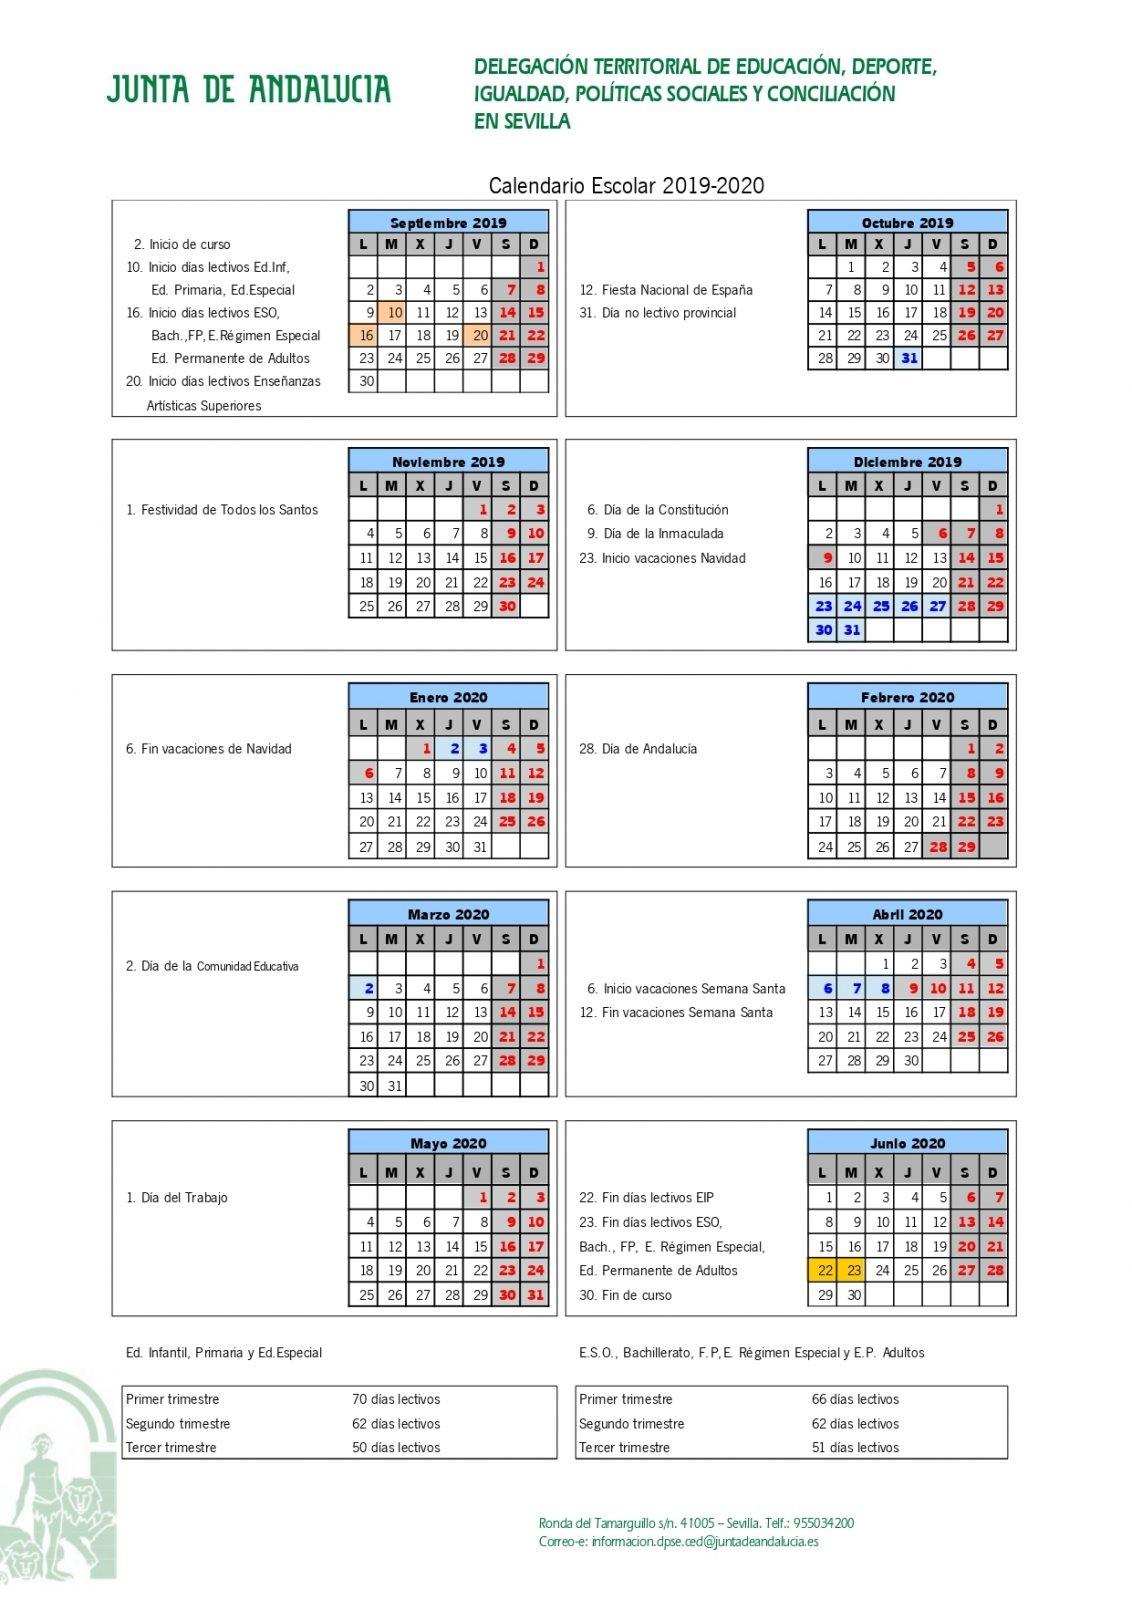 Calendario Escolar Andalucia 2020.Calendario Escolar Ceip Cervantes Alcala De Guadaira